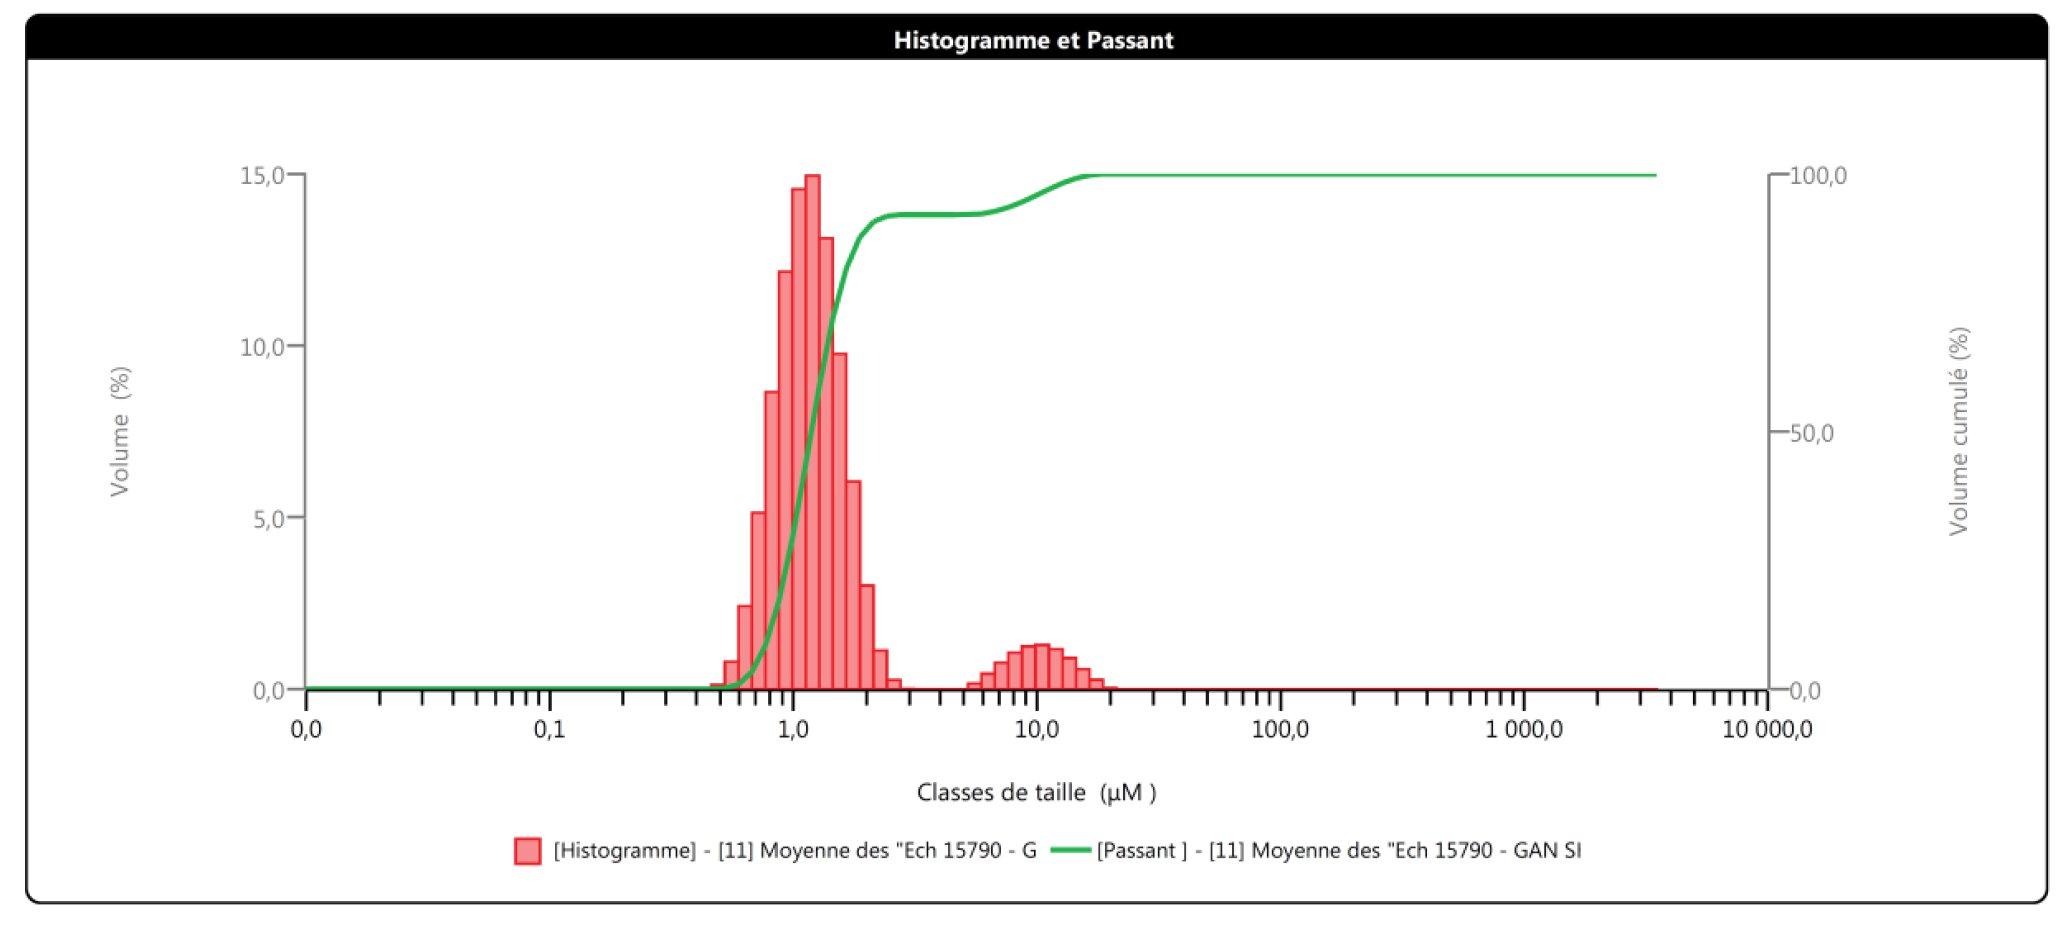 Histogramme et Passant